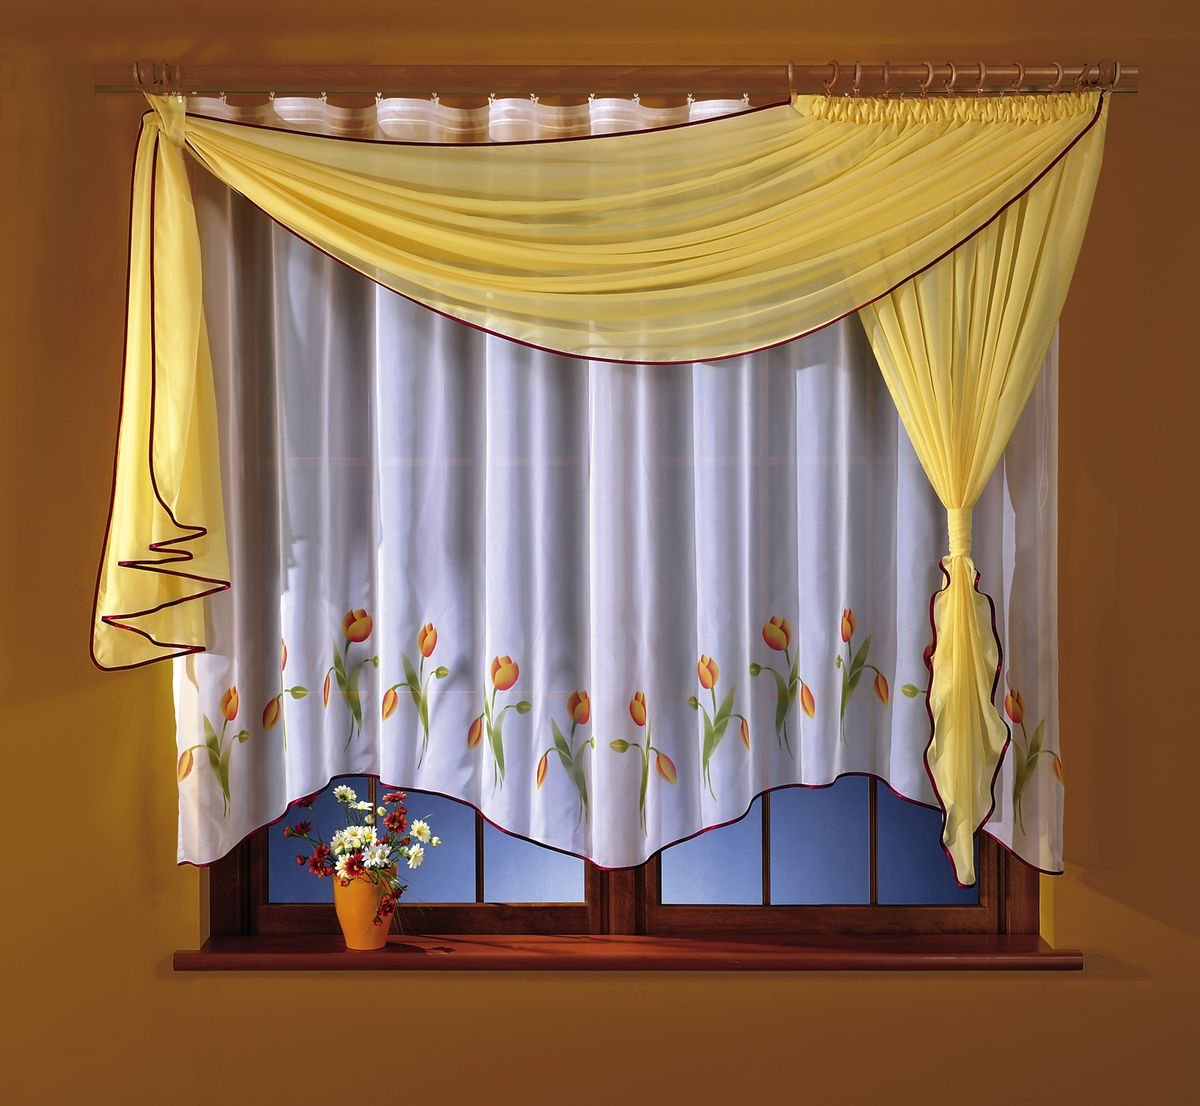 Комплект штор для кухни Wisan Marzenka, на ленте, цвет: белый, желтый, высота 180 см5764 желтаяКомплект штор для кухни Wisan Marzenka выполненный из полиэстера, великолепно украсит любое окно. В комплект входят тюль, ламбрекен и 2 подвяза.Оригинальный и яркий дизайн придают комплекту особый стиль и шарм. Качественный материал, нежная цветовая гамма и роскошное исполнение - все это делает шторы Wisan Marzenka замечательным дополнением интерьера помещения.Комплект оснащен шторной лентой для красивой сборки. В комплект входит: Тюль - 1 шт. Размер (ШхВ): 160 см х 170 см. Ламбрекен - 1 шт. Размер (ШхВ): 50 см х 180 см. Подвяз - 2 шт.Фирма Wisan на польском рынке существует уже более пятидесяти лет и является одной из лучших польских фабрик по производству штор и тканей. Ассортимент фирмы представлен готовыми комплектами штор для гостиной, детской, кухни, а также текстилем для кухни (скатерти, салфетки, дорожки, кухонные занавески). Модельный ряд отличает оригинальный дизайн, высокое качество. Ассортимент продукции постоянно пополняется.